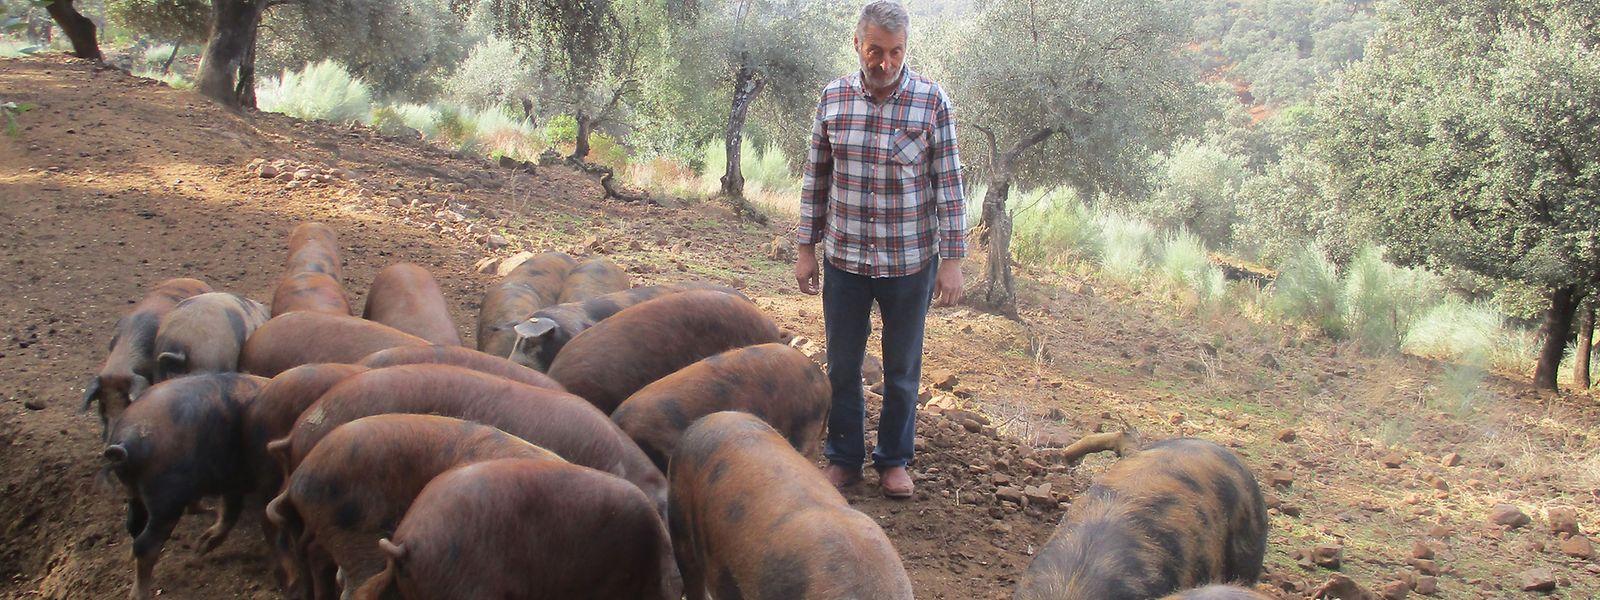 Eduardo Donato kümmert sich fürsorglich um seine Schweine der Rasse Manchado de Jabugo.